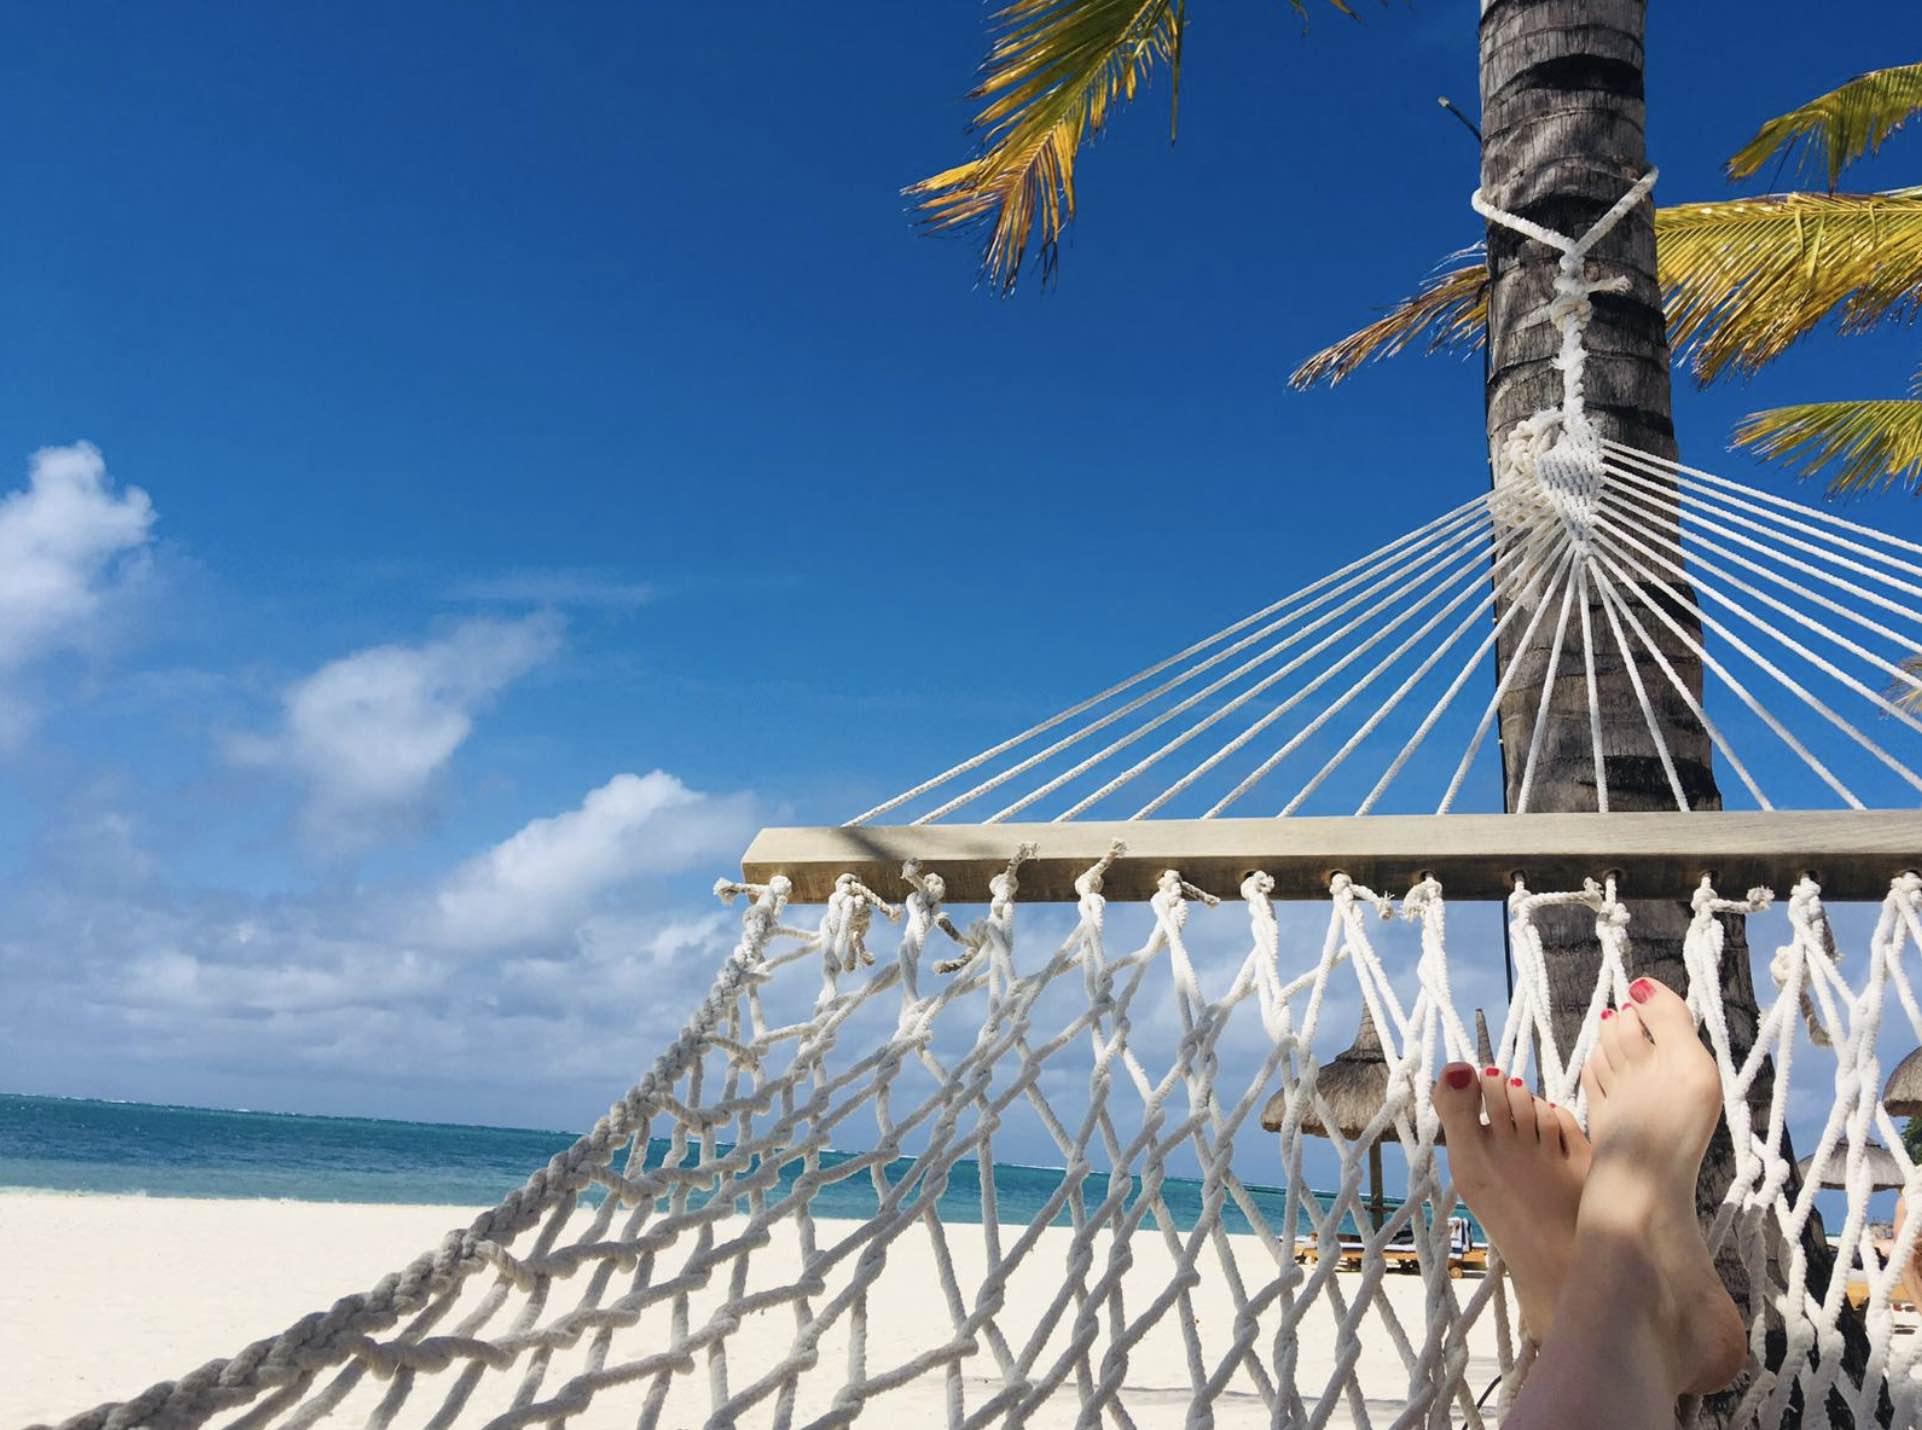 Entspannung Erholen Urlaub Kurzurlaub im Geiste